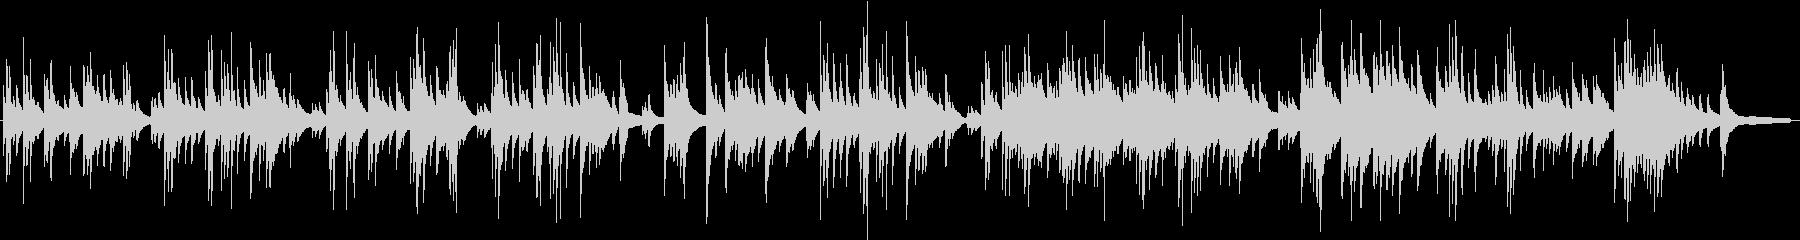 淡々とした切ないピアノバラードLIVEの未再生の波形